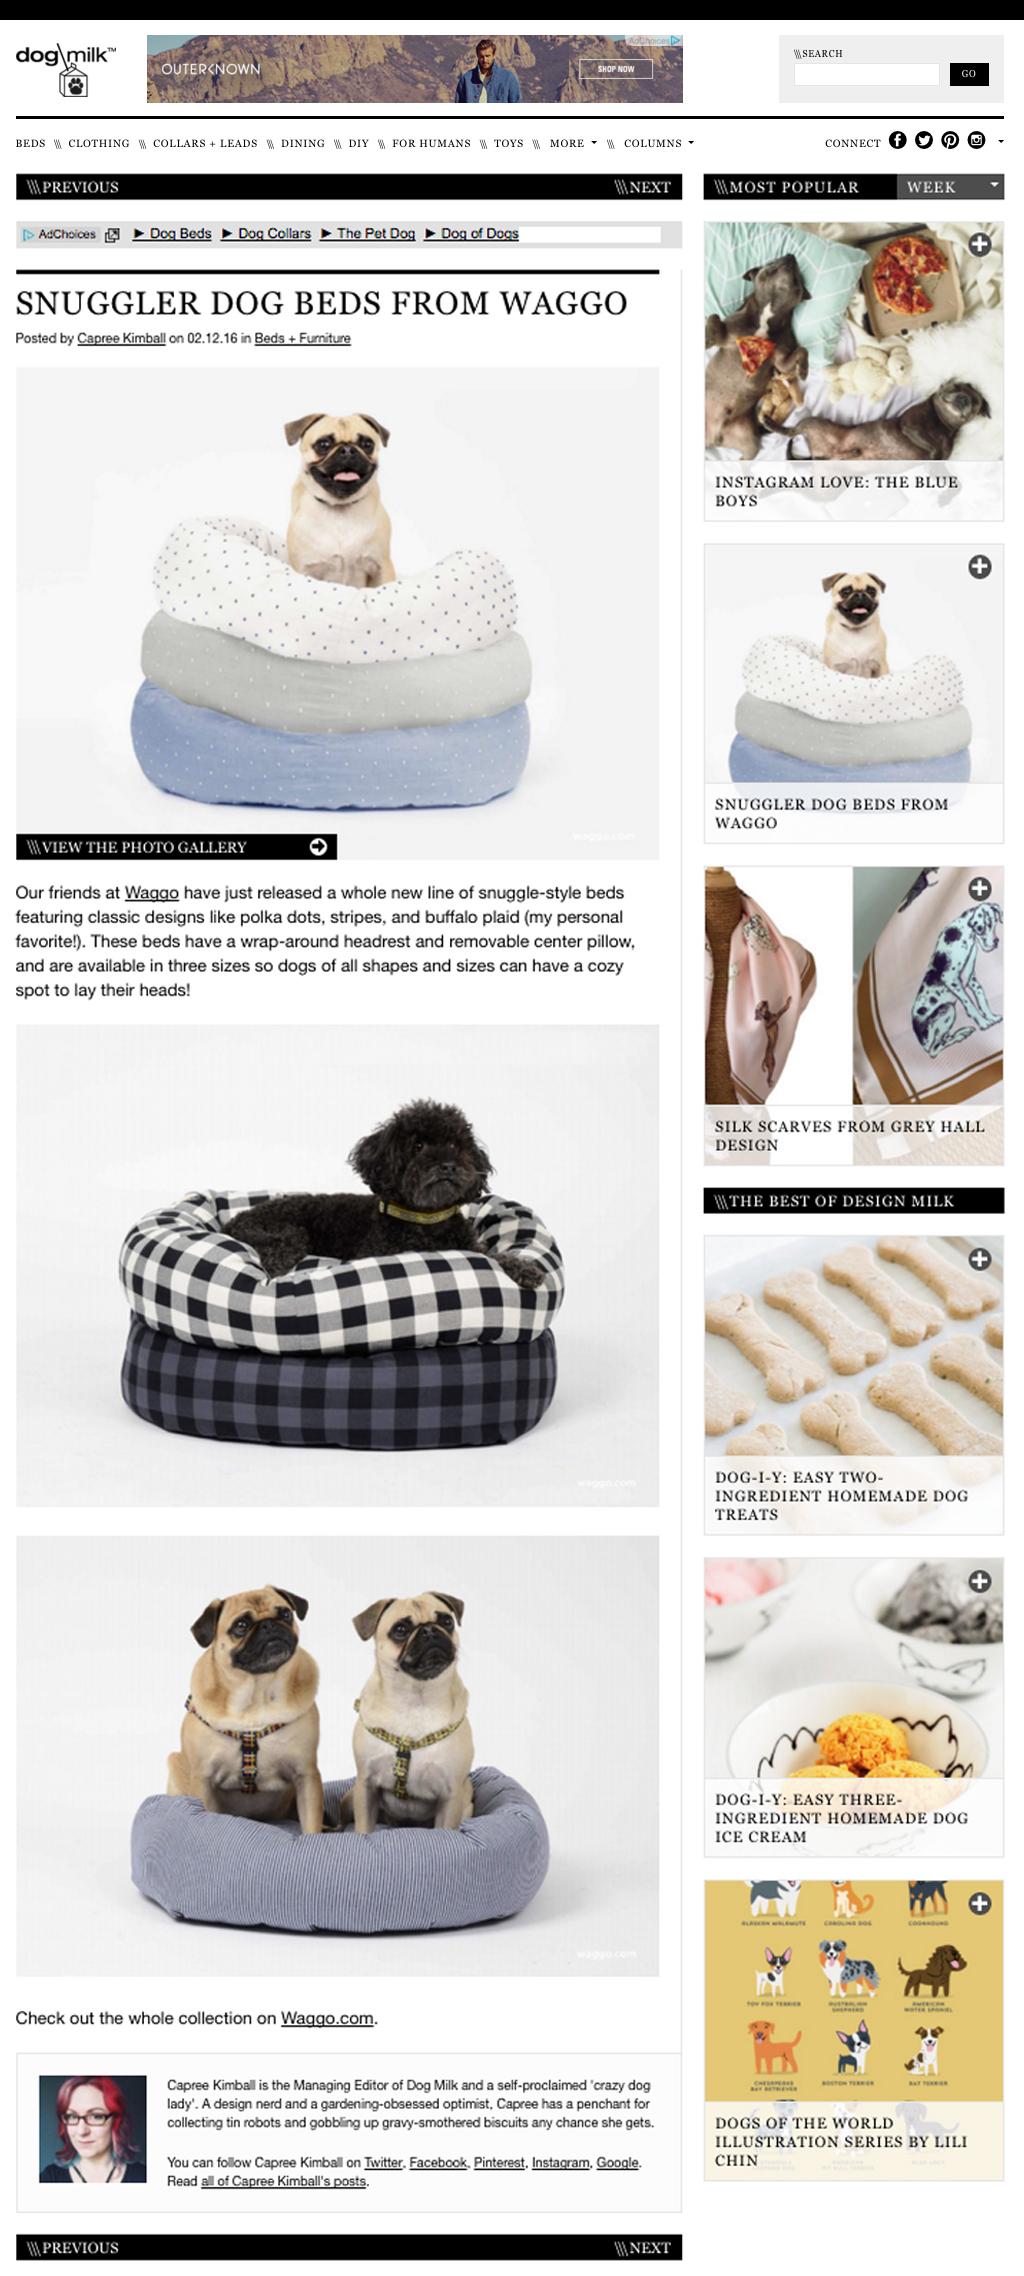 Waggo Dogmilk Dog Bed